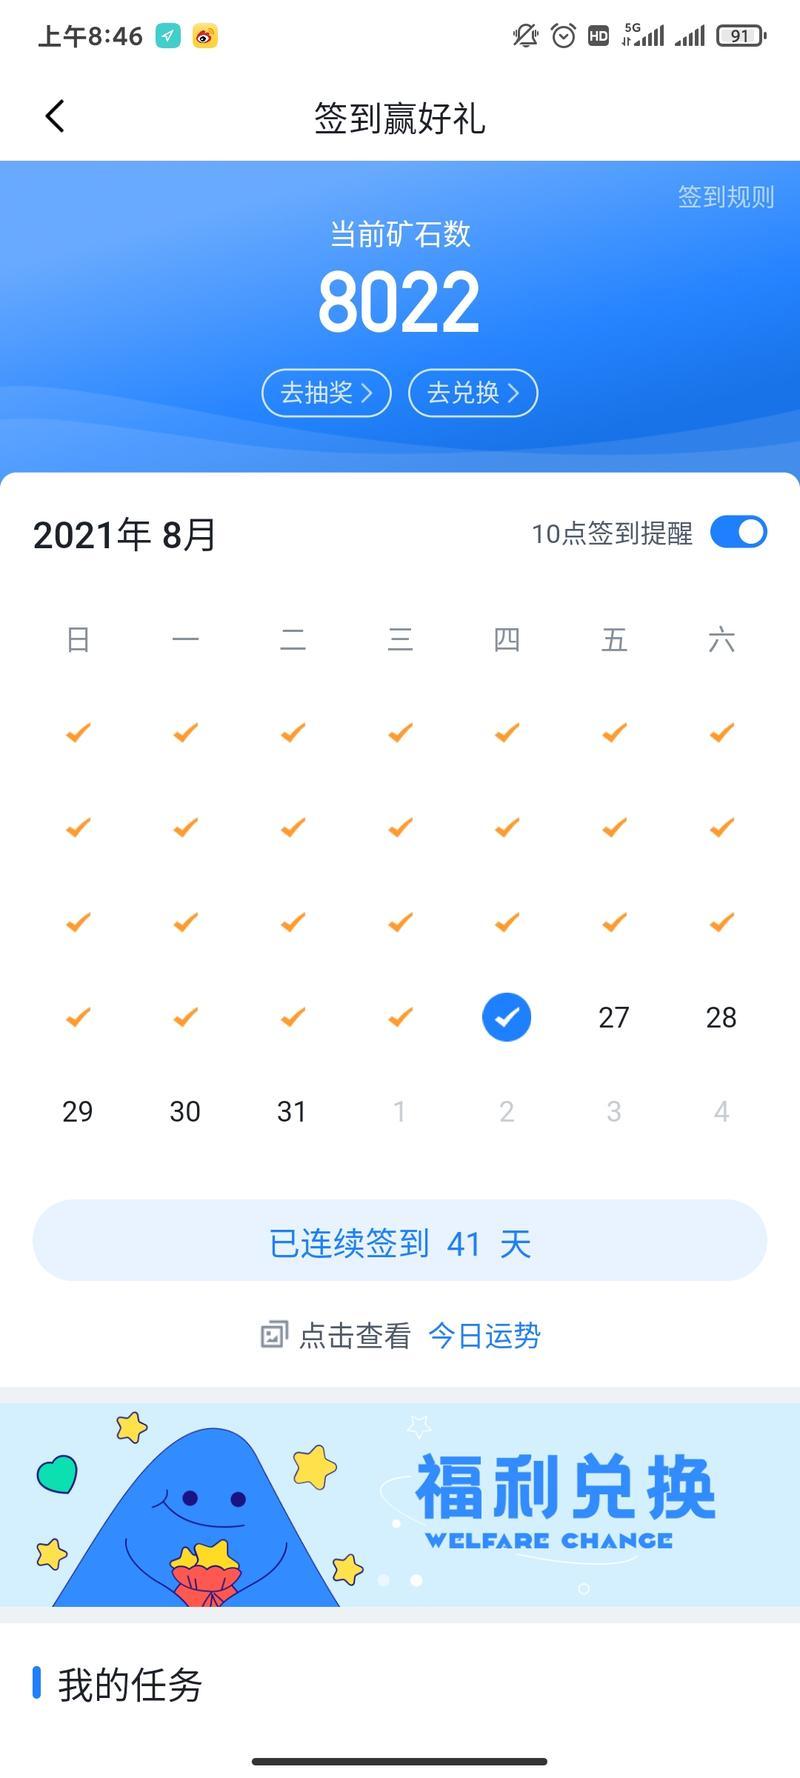 lio_zero于2021-08-26 12:35发布的图片